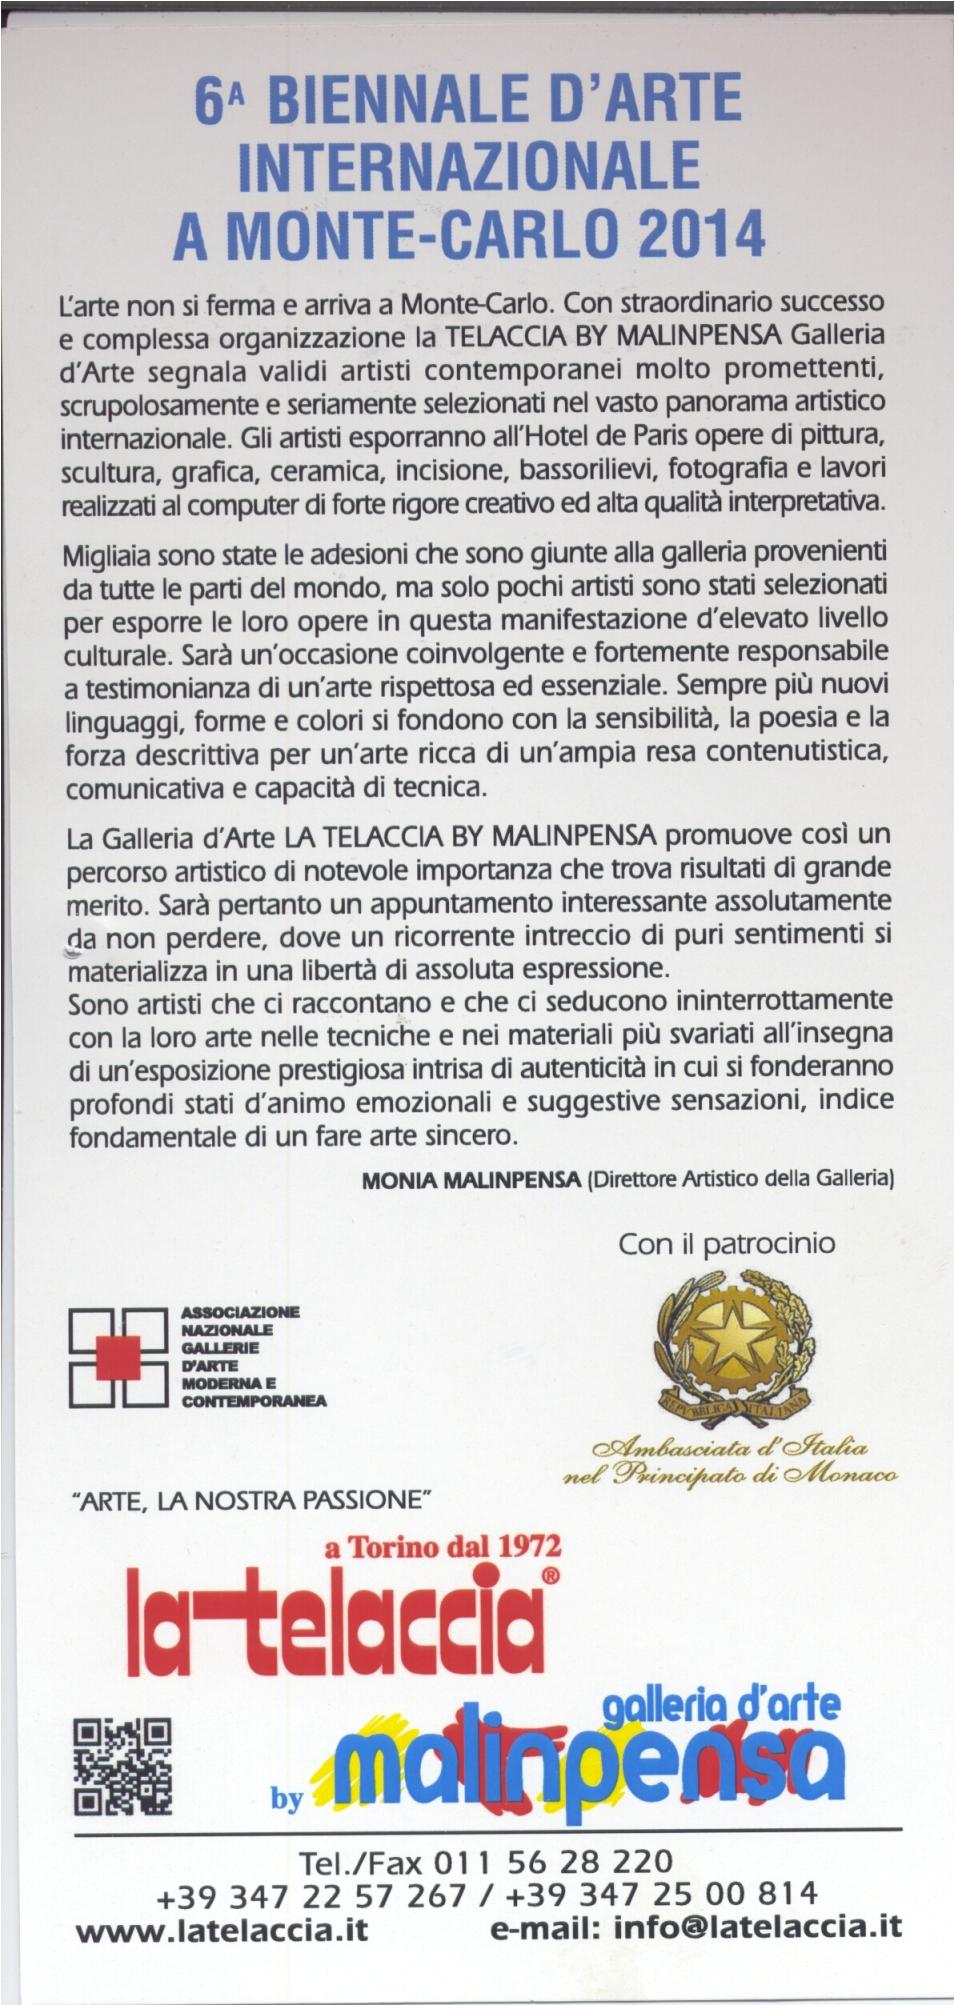 6° BIENNALE D'ARTE INTERNAZIONALE A MOTECARLO 2014.jpg